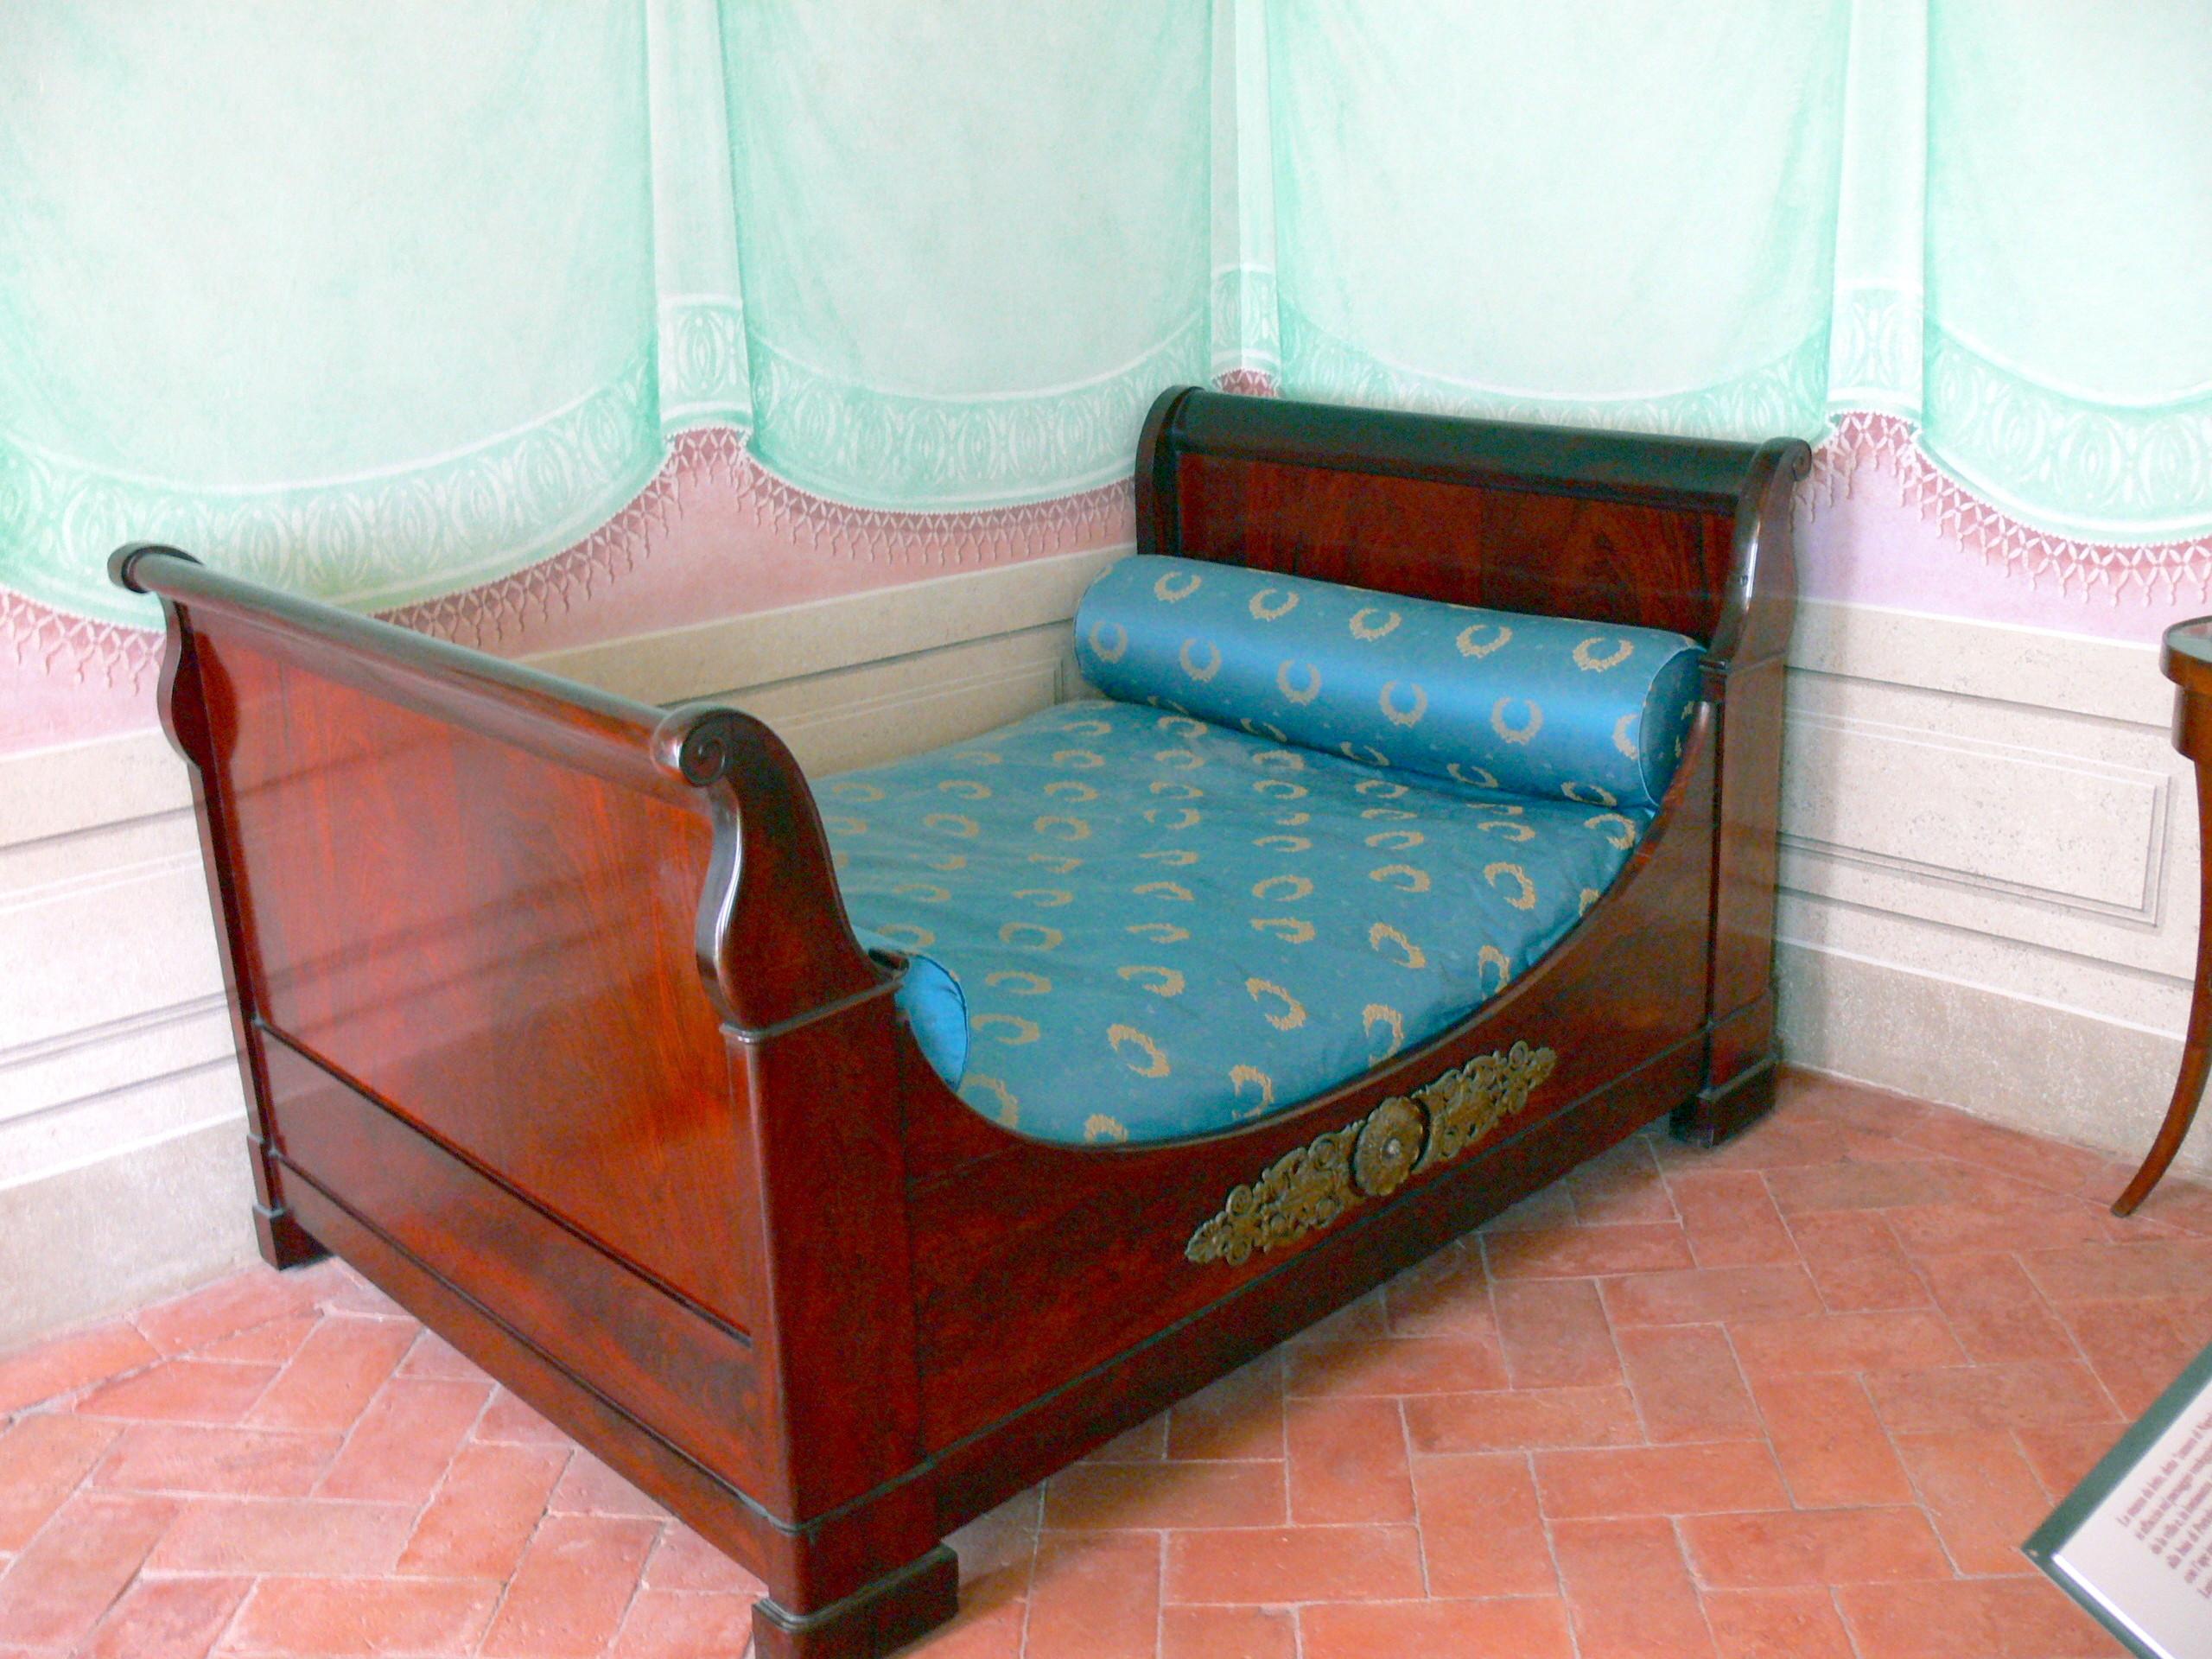 File:San Martino - Napoleons Haus Bett.jpg - Wikimedia Commons